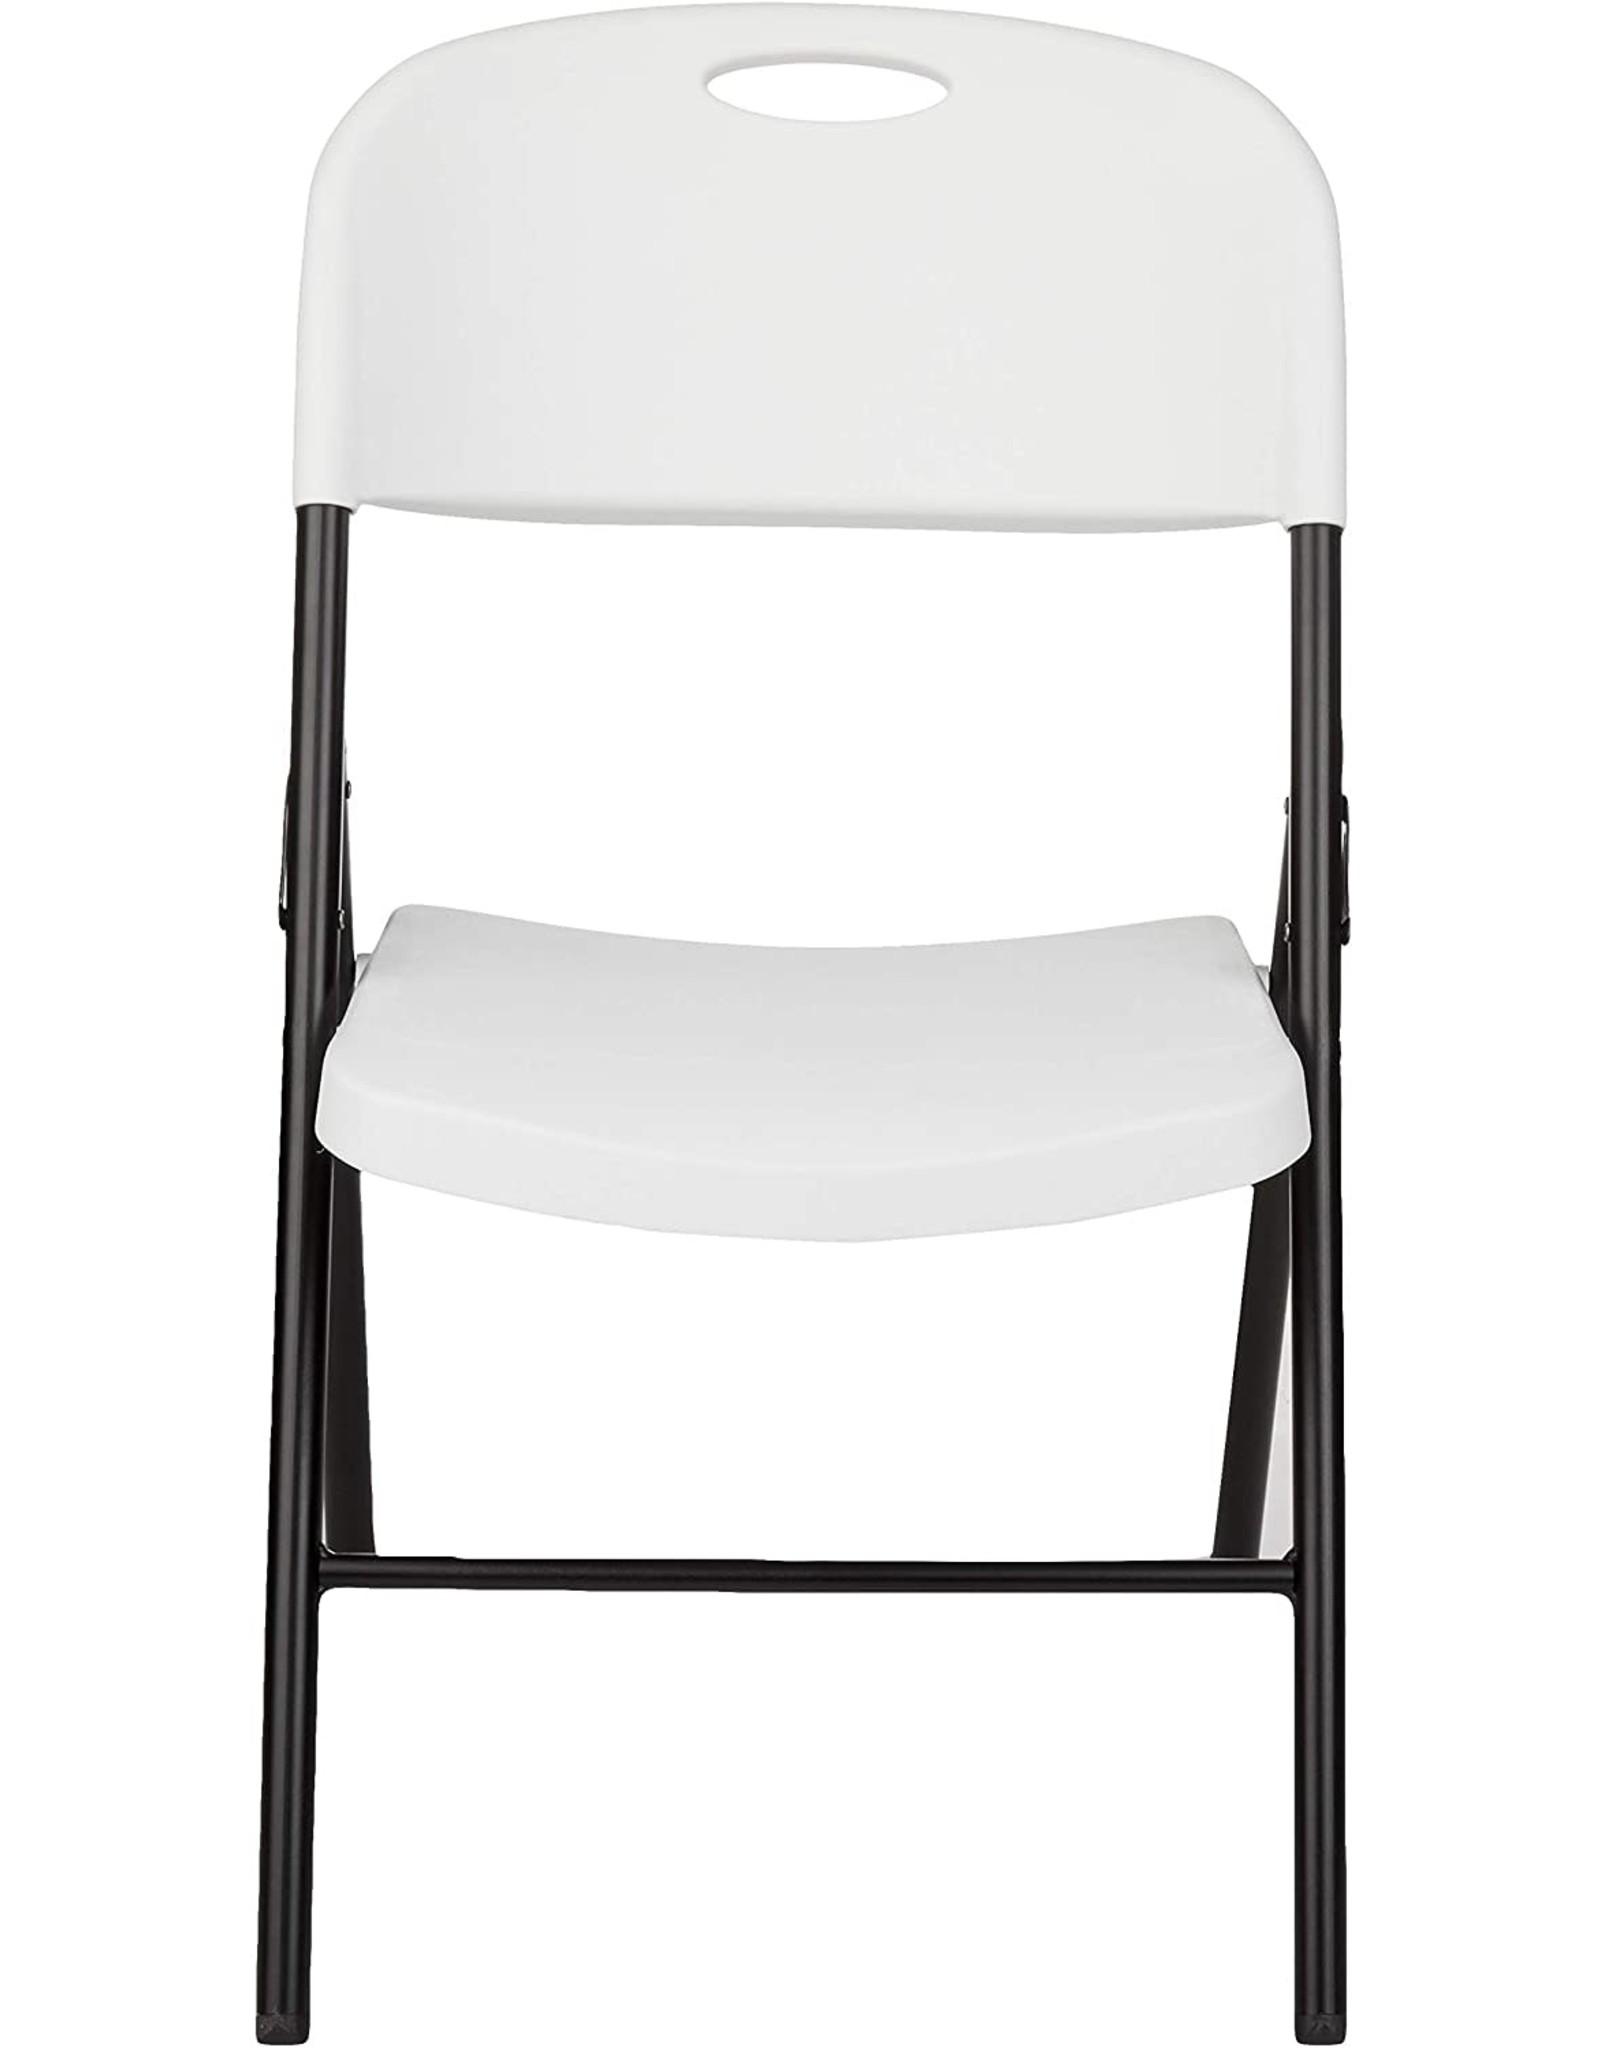 Amazon Basics Amazon Basics Folding Plastic Chair, 350-Pound Capacity, White, 6-Pack